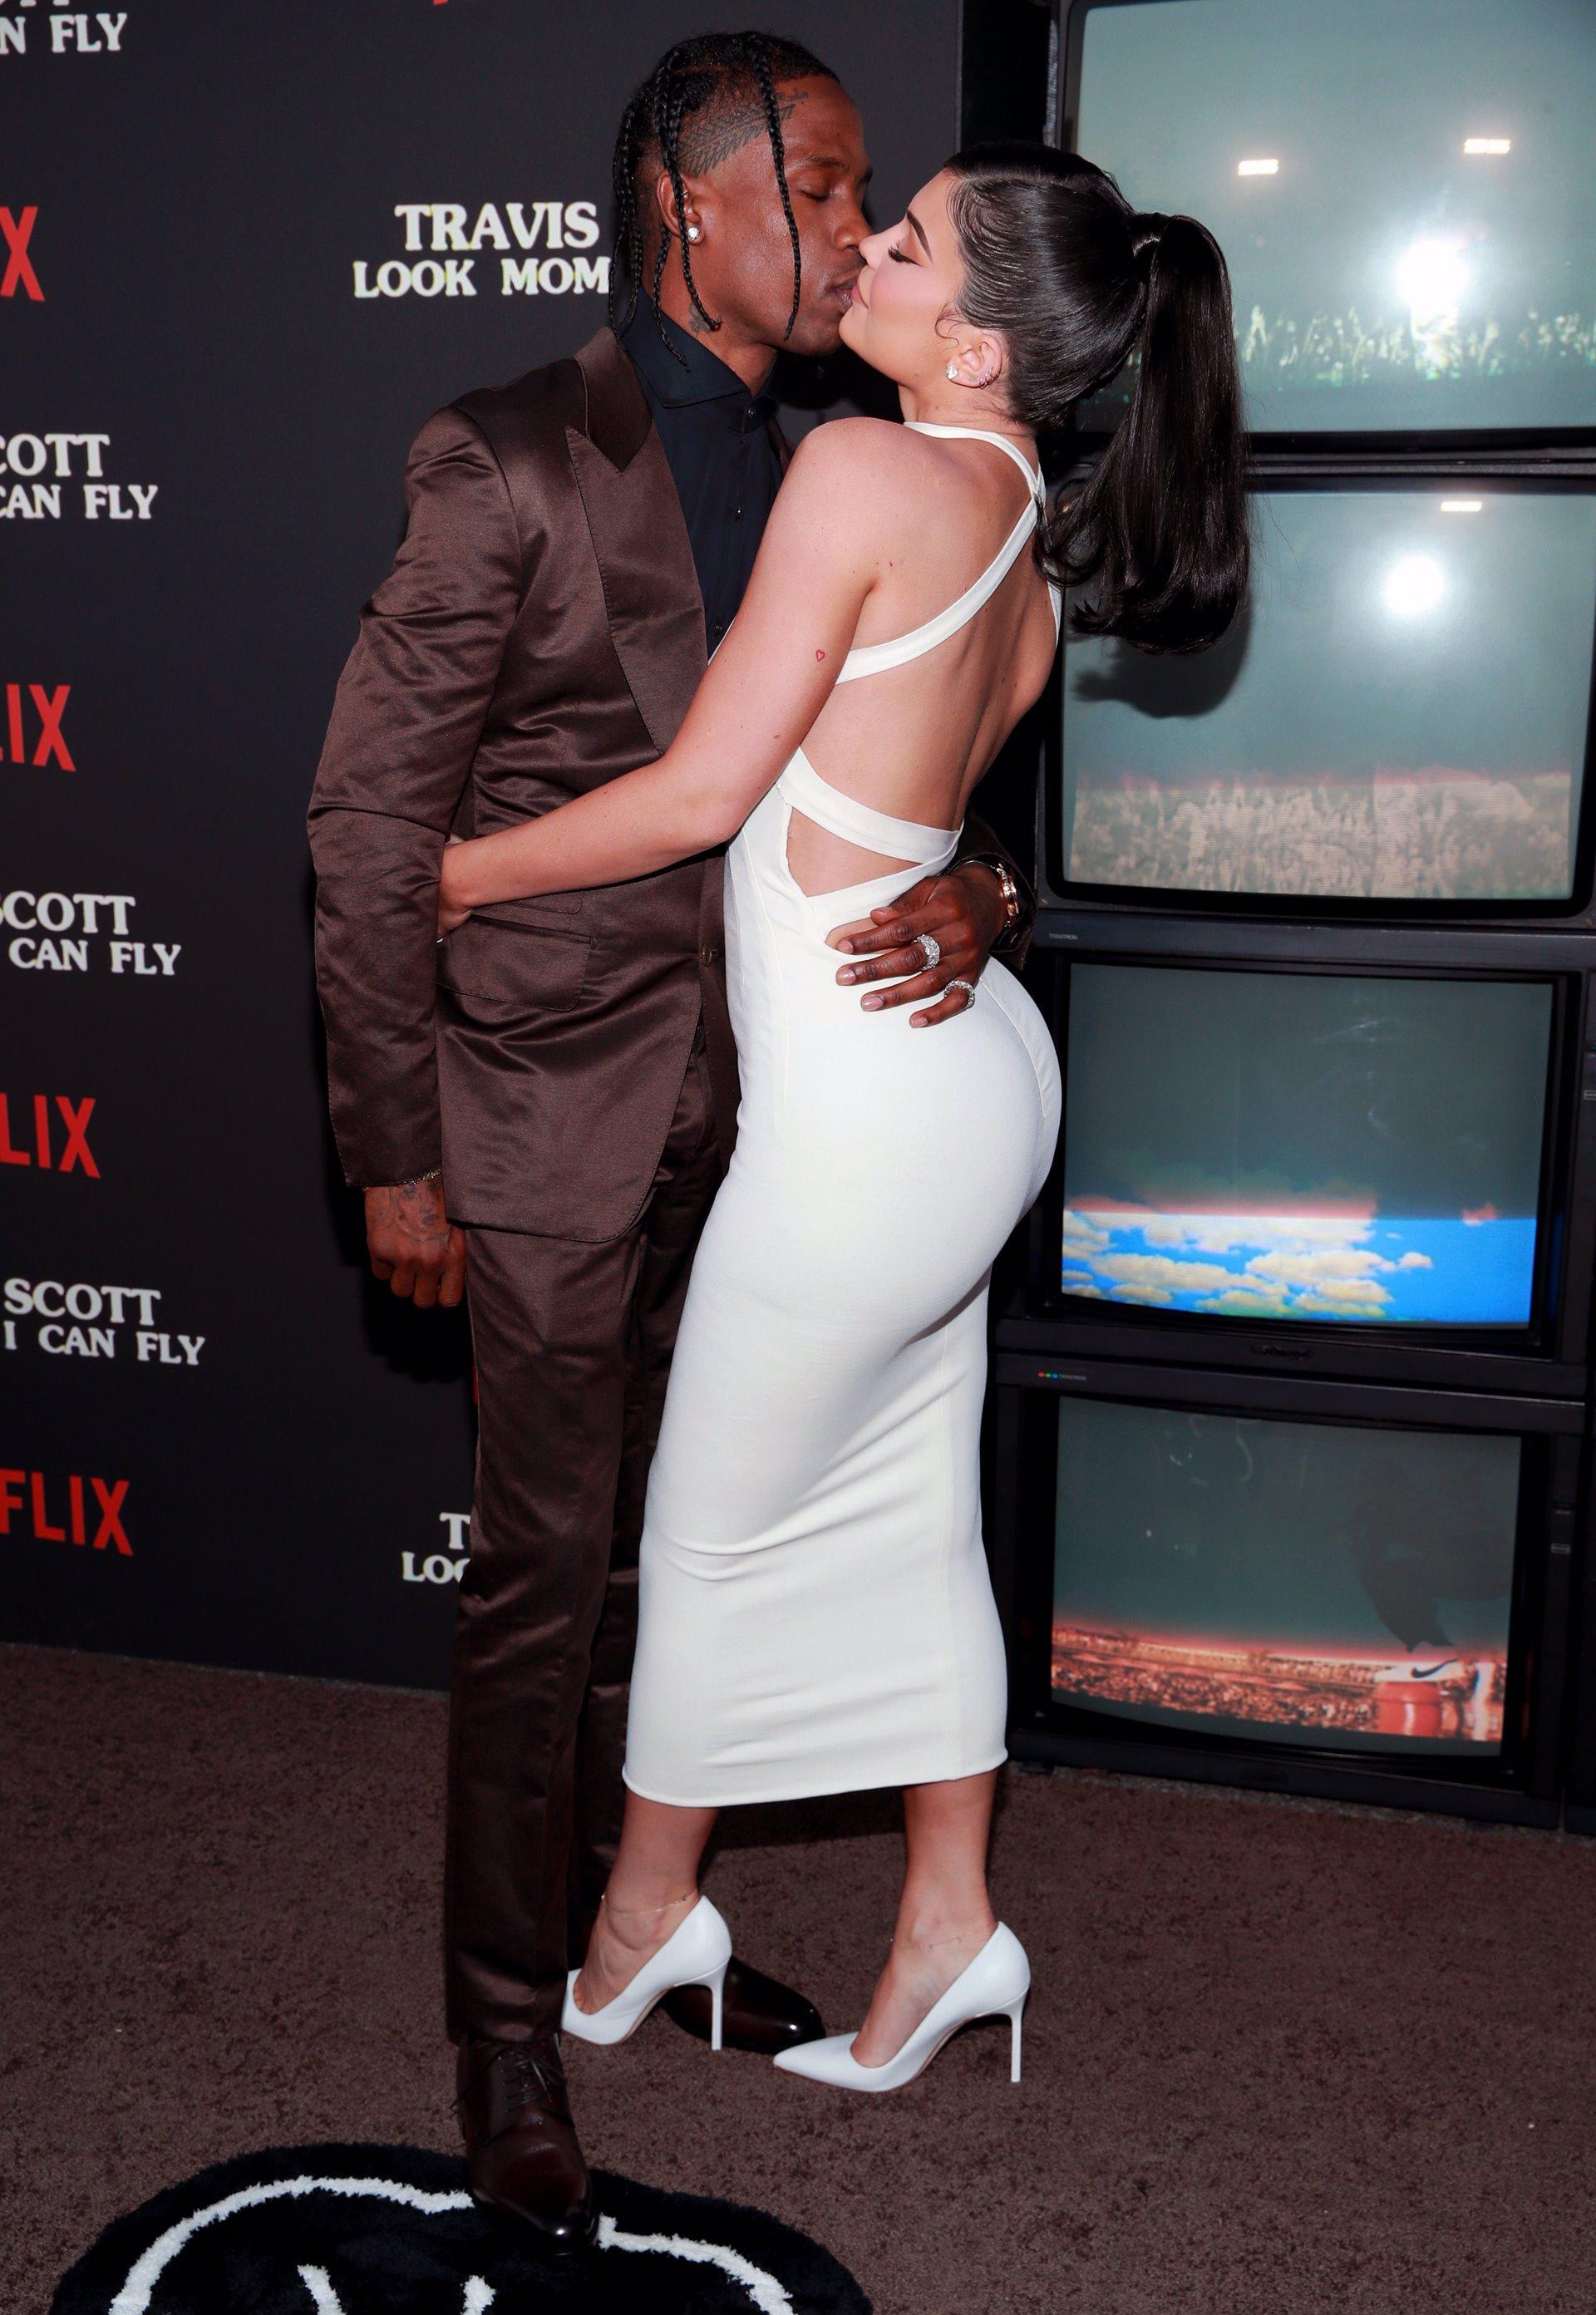 Travis Scott, Stormi Webster y Kylie Jenner en la premiere del documental 'Travis Scott: Look Mom I Can Fly'